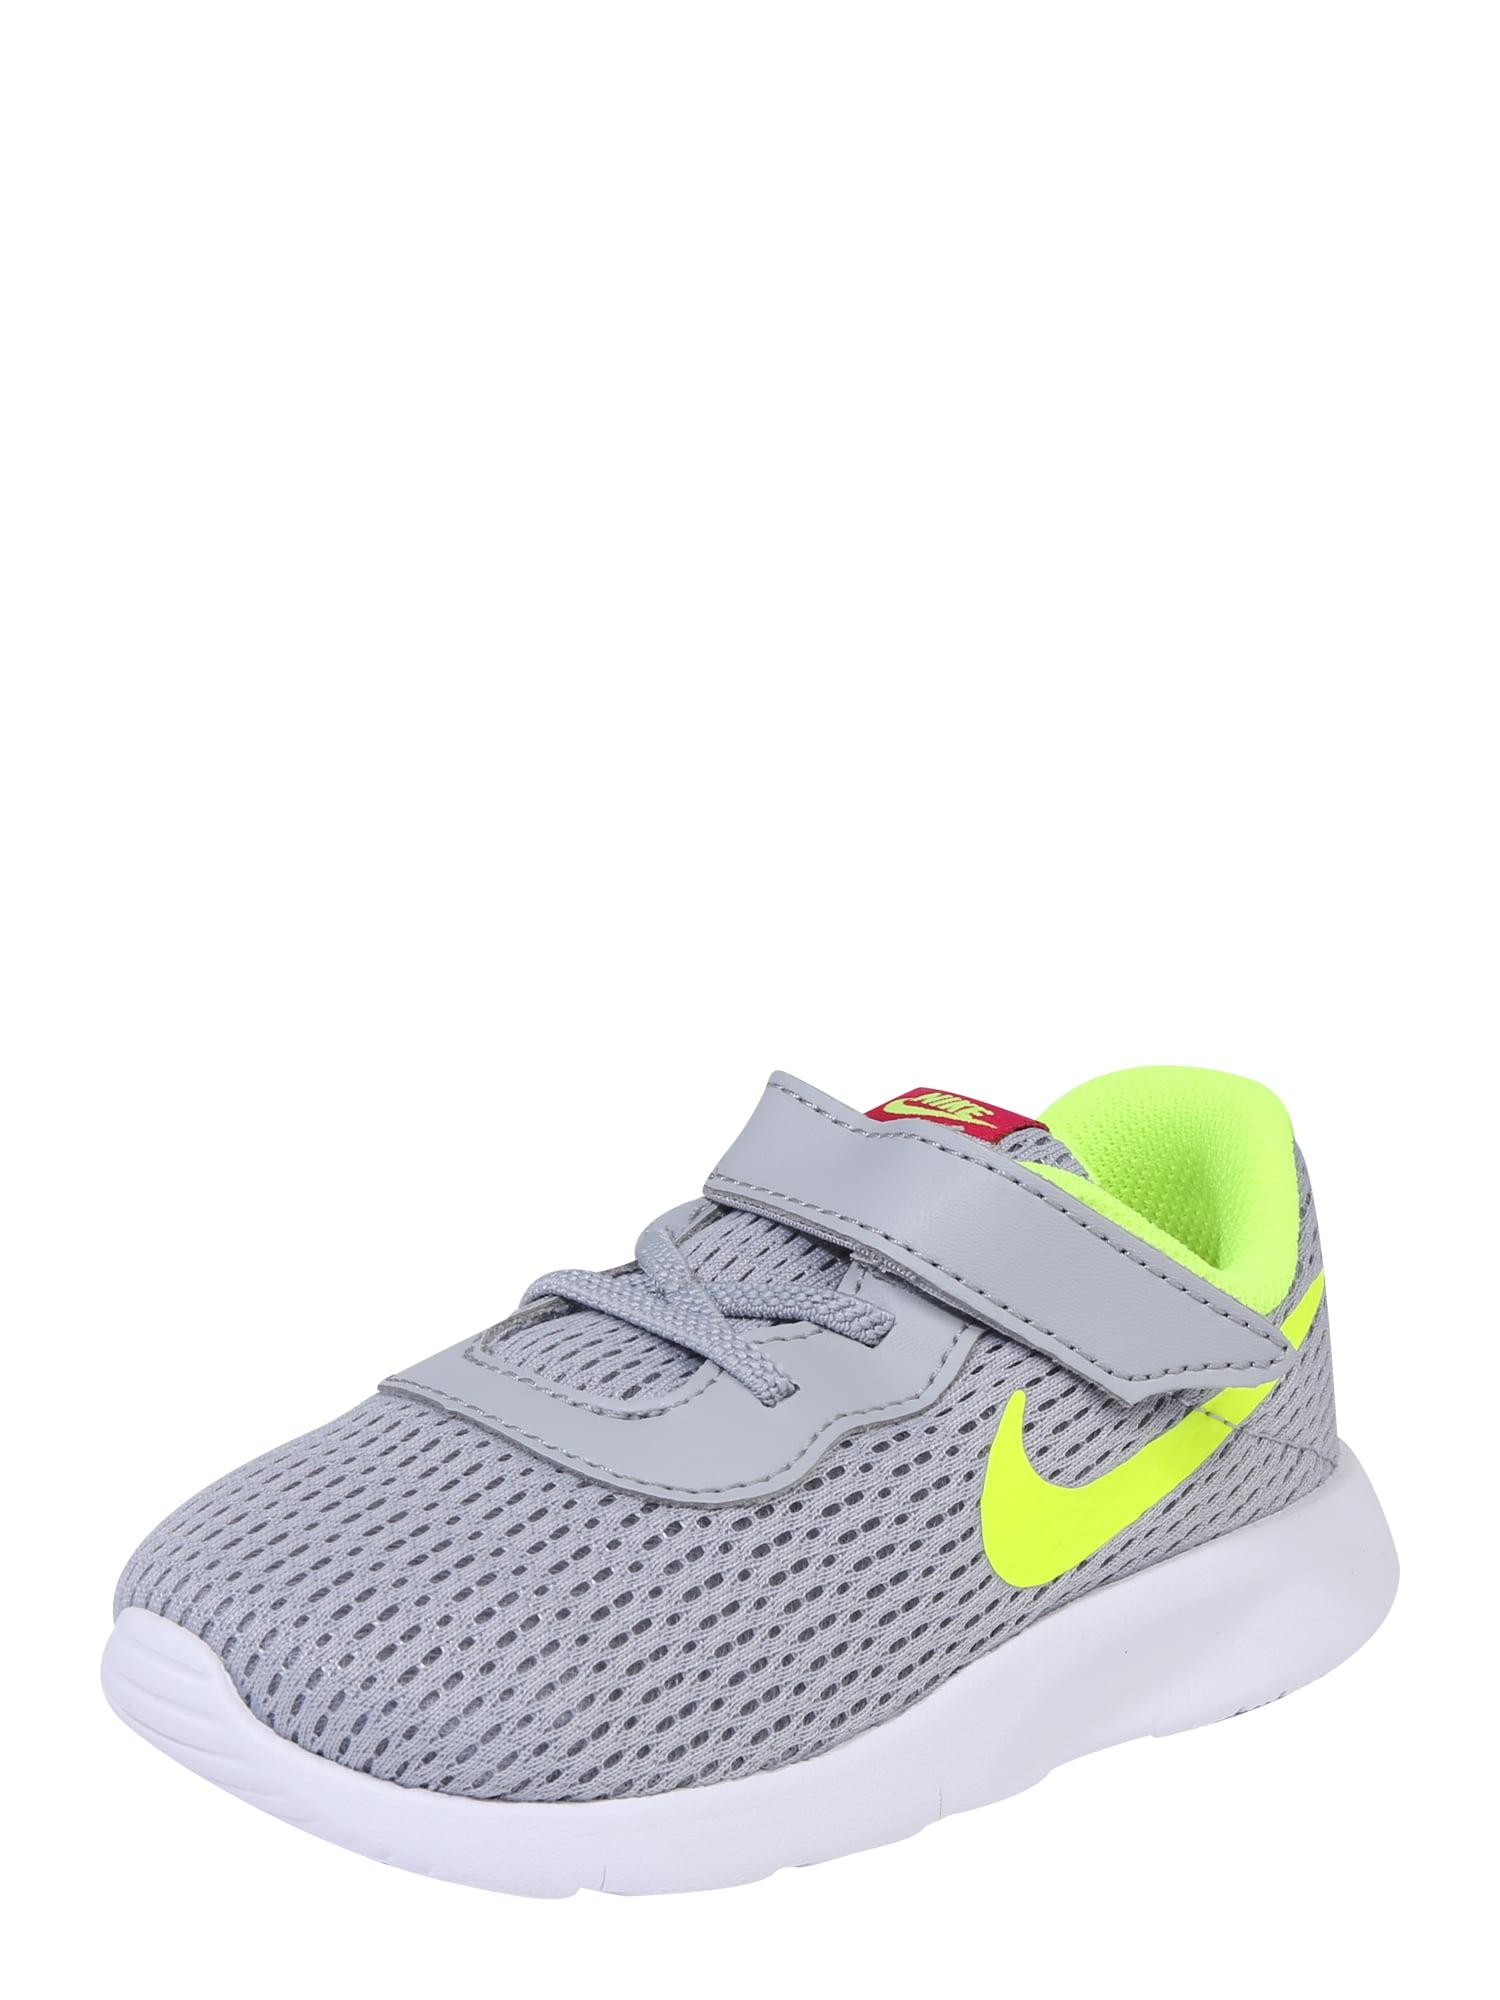 Sneaker 'Tanjun Toddler'